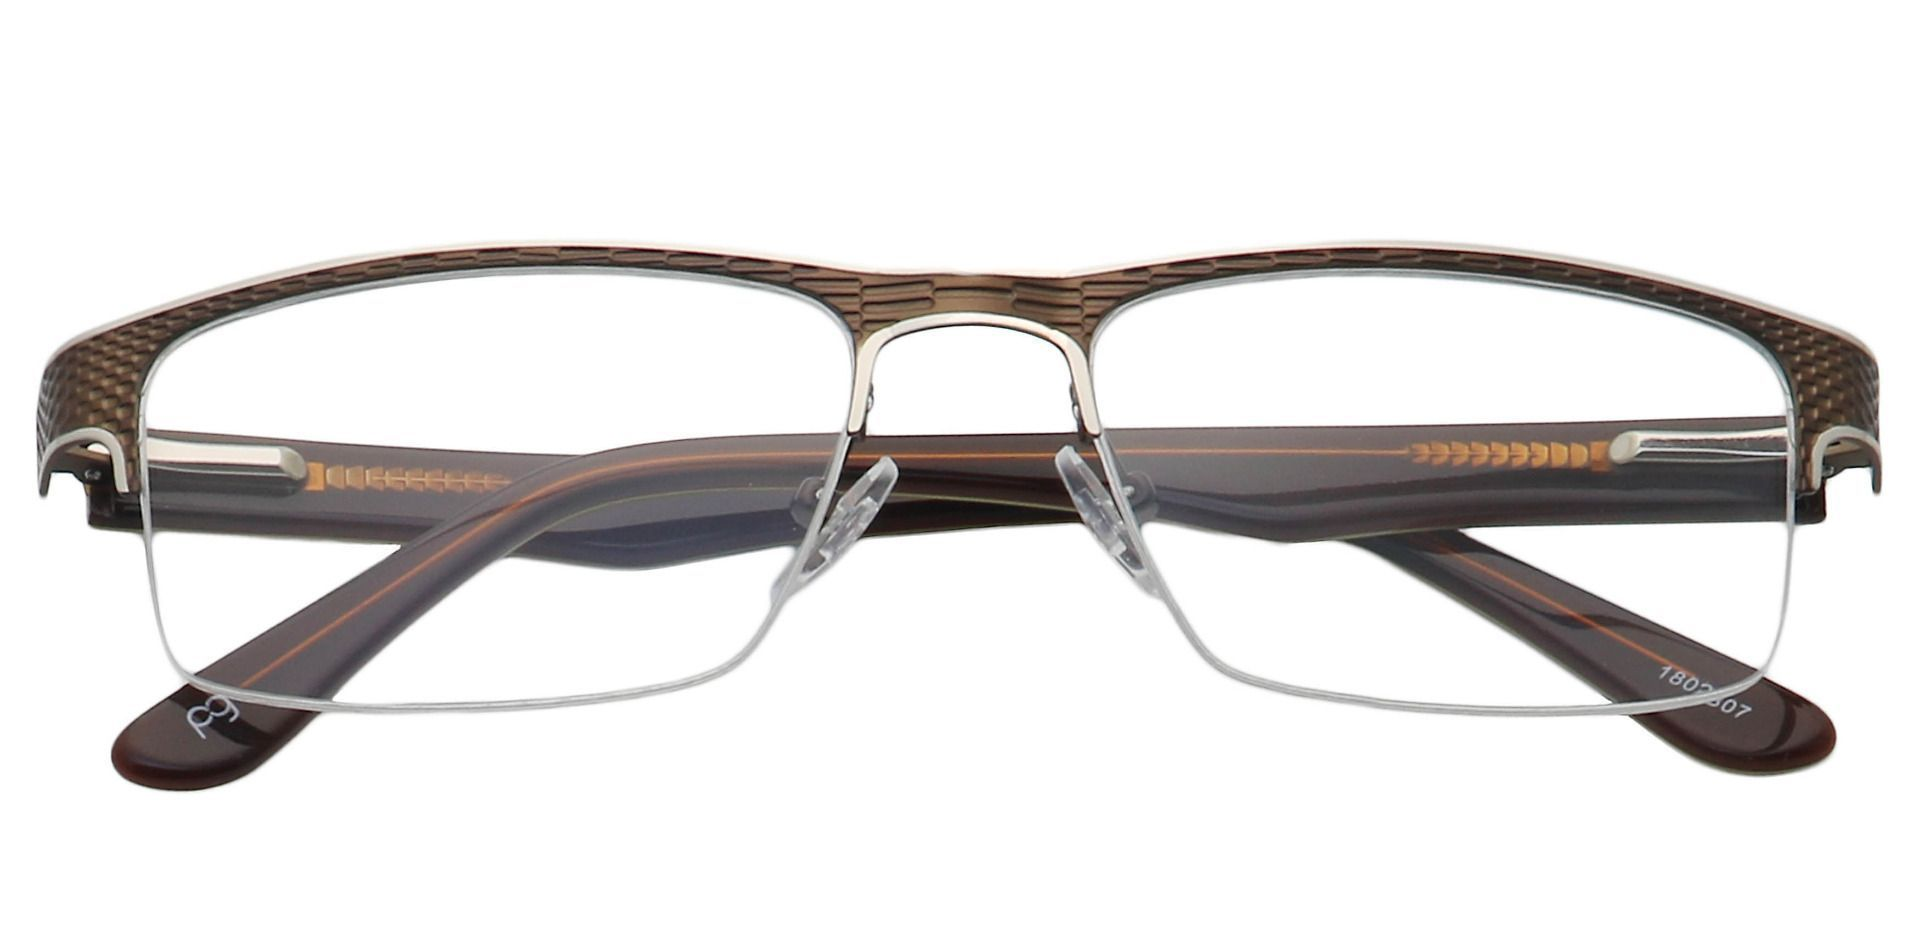 Executive Square Progressive Glasses - Brown